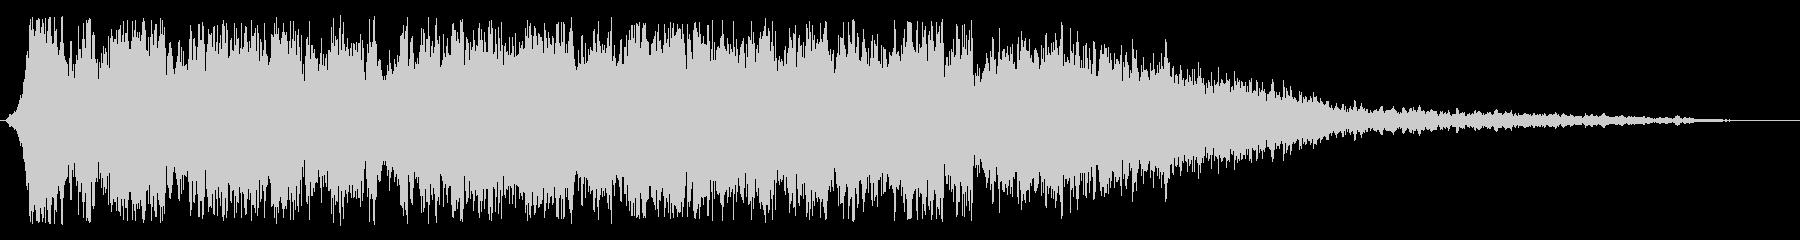 シュワワワーン(何かが飛ぶ音)の未再生の波形